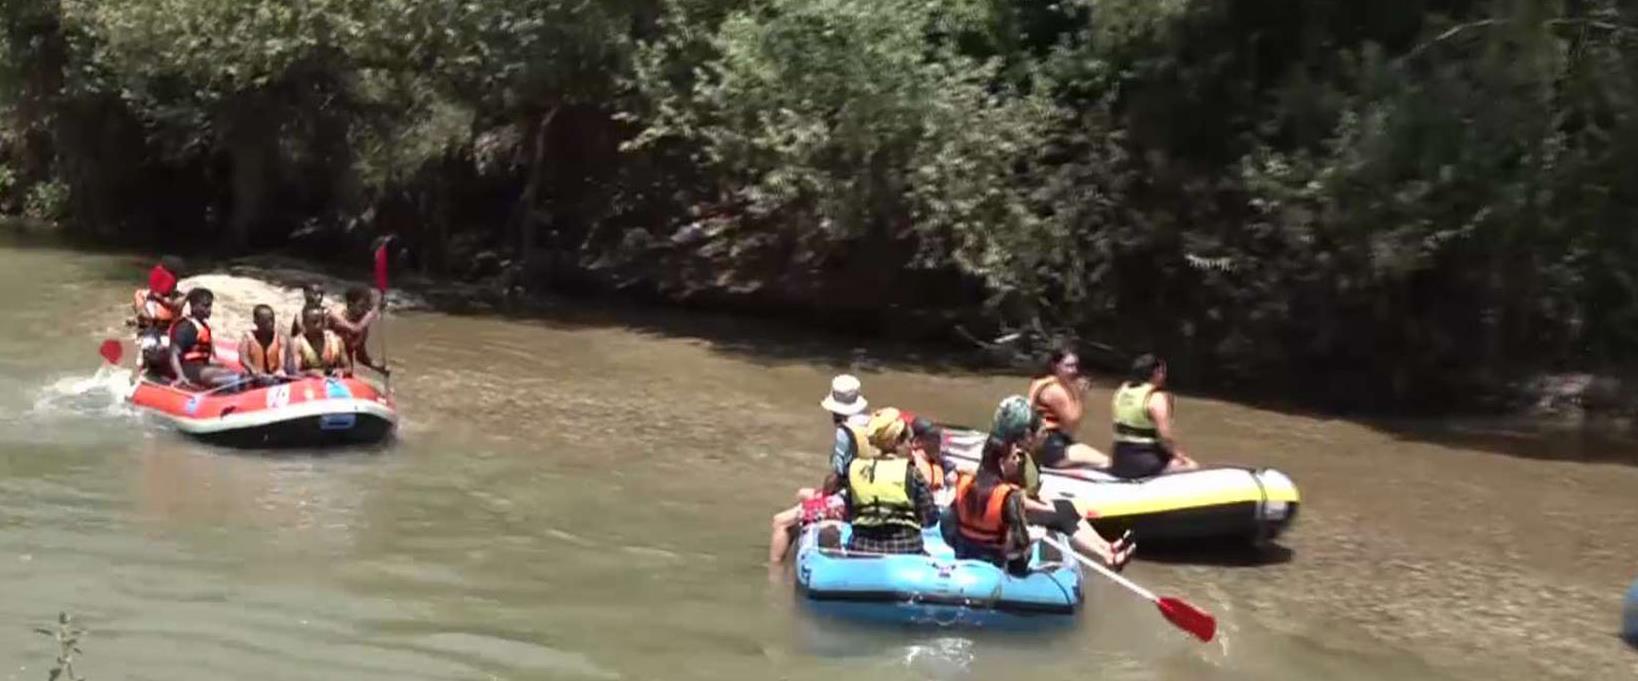 רשות הטבע והגנים נגד משרד הבריאות: המים בנחלים בטו